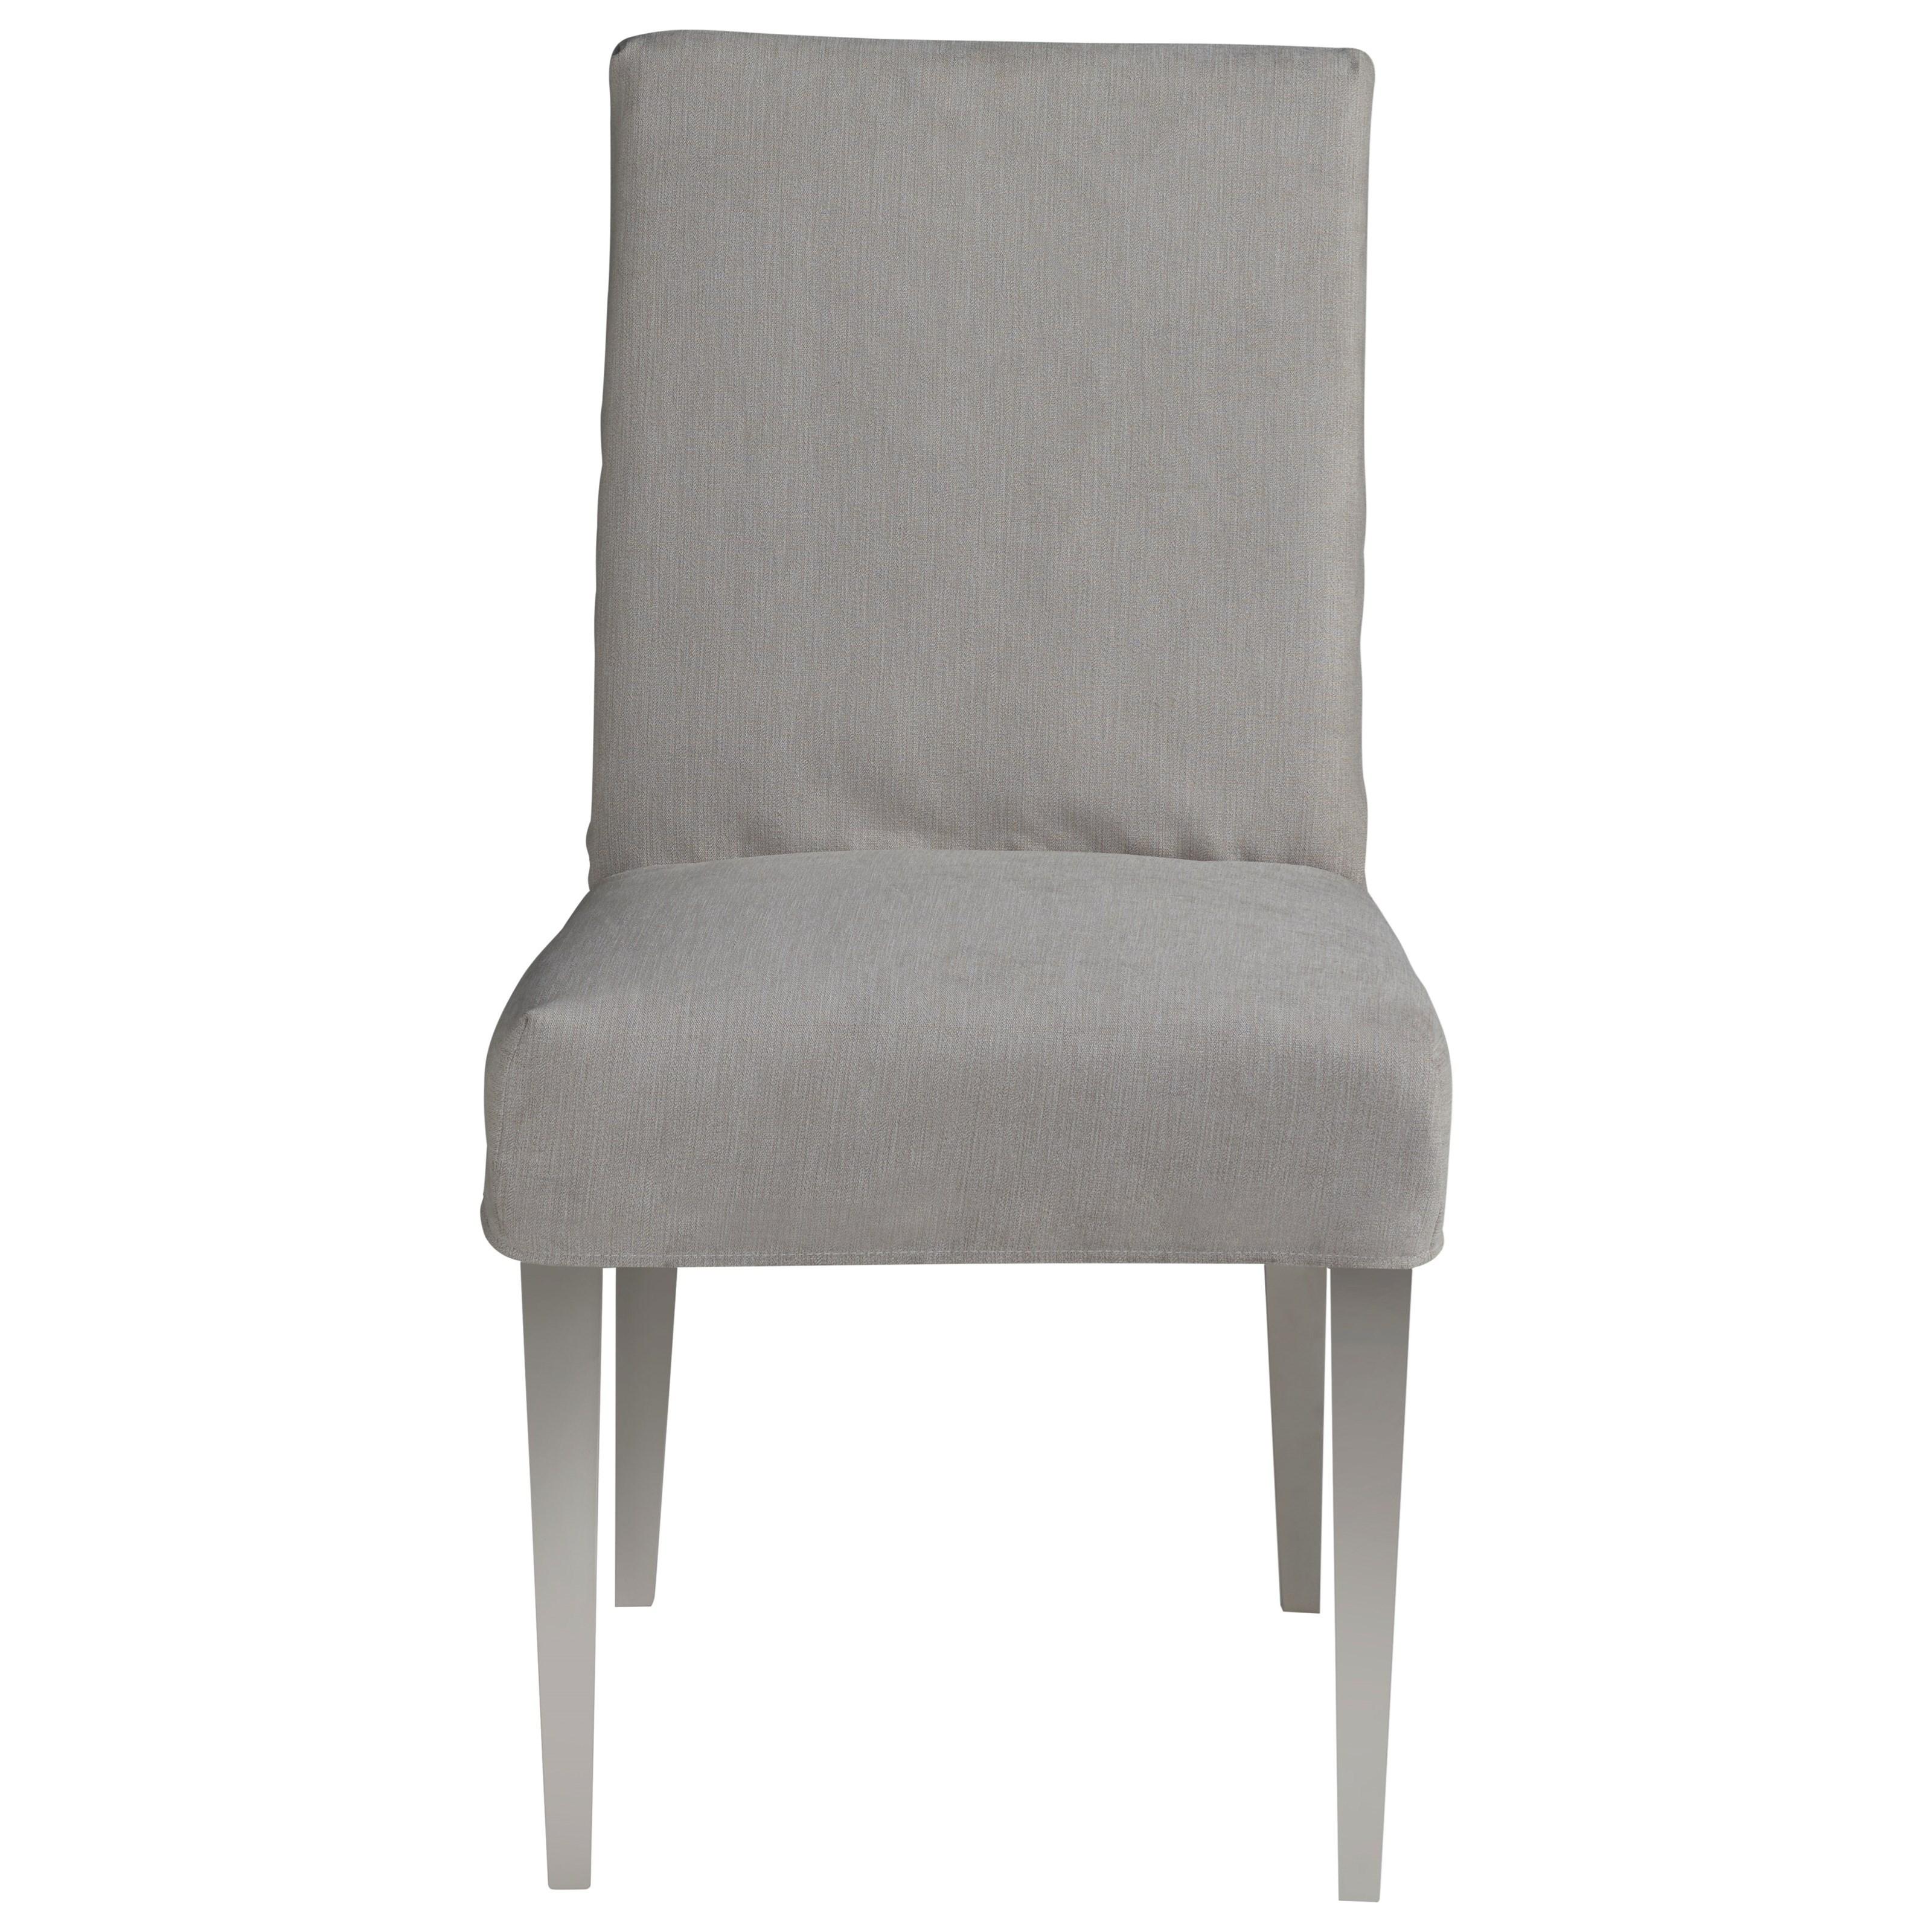 Modern Jett Slip Cover Side Chair - Sorrel by Universal at Baer's Furniture